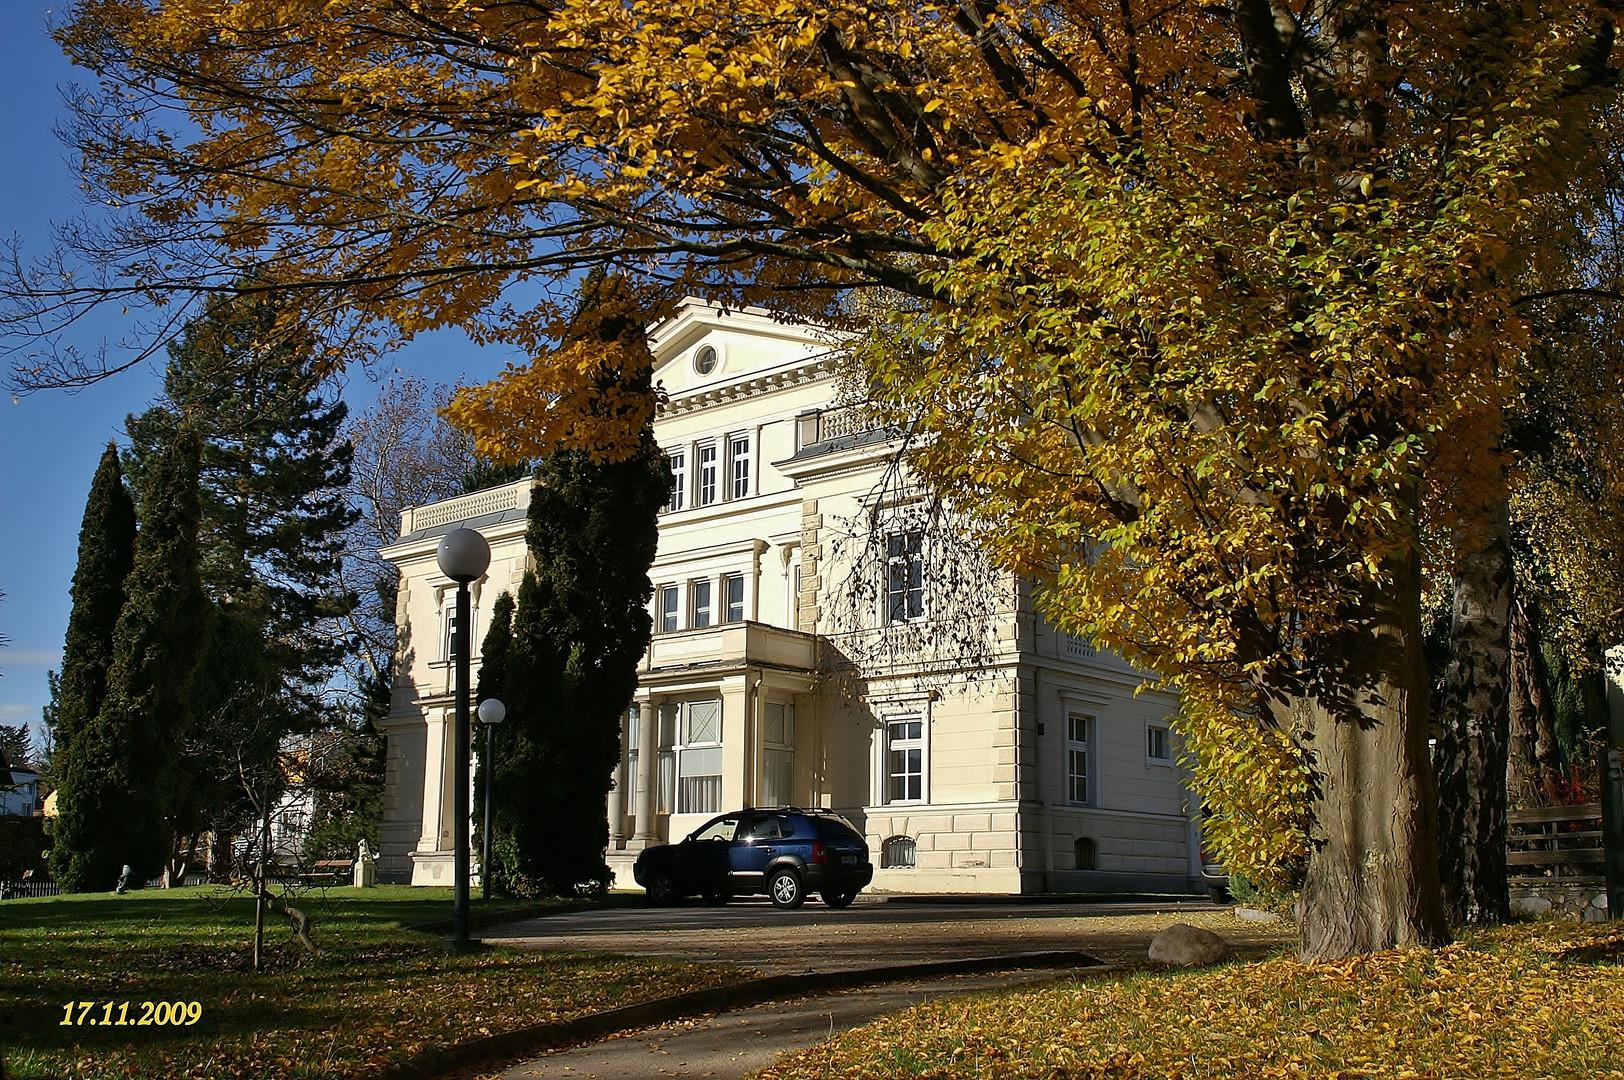 Villa Klusemann in Gmunden